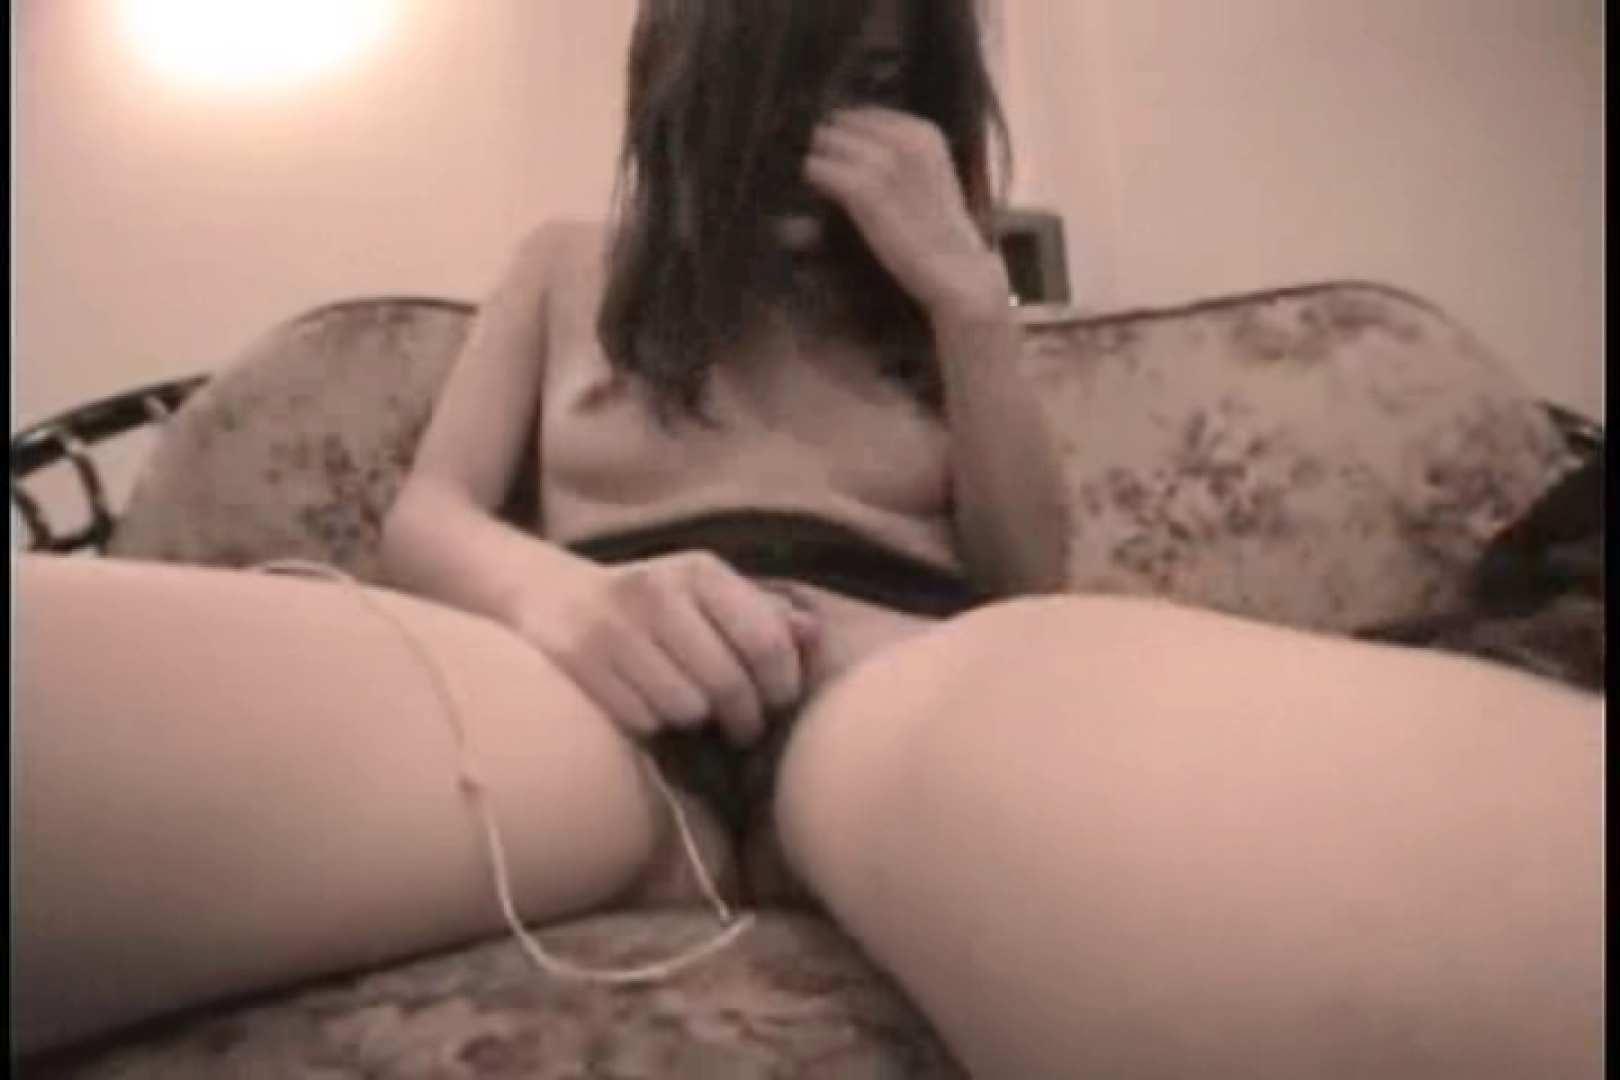 素人嬢126人のハメ撮り 入江奈々 素人   プライベート映像お届け  22連発 7